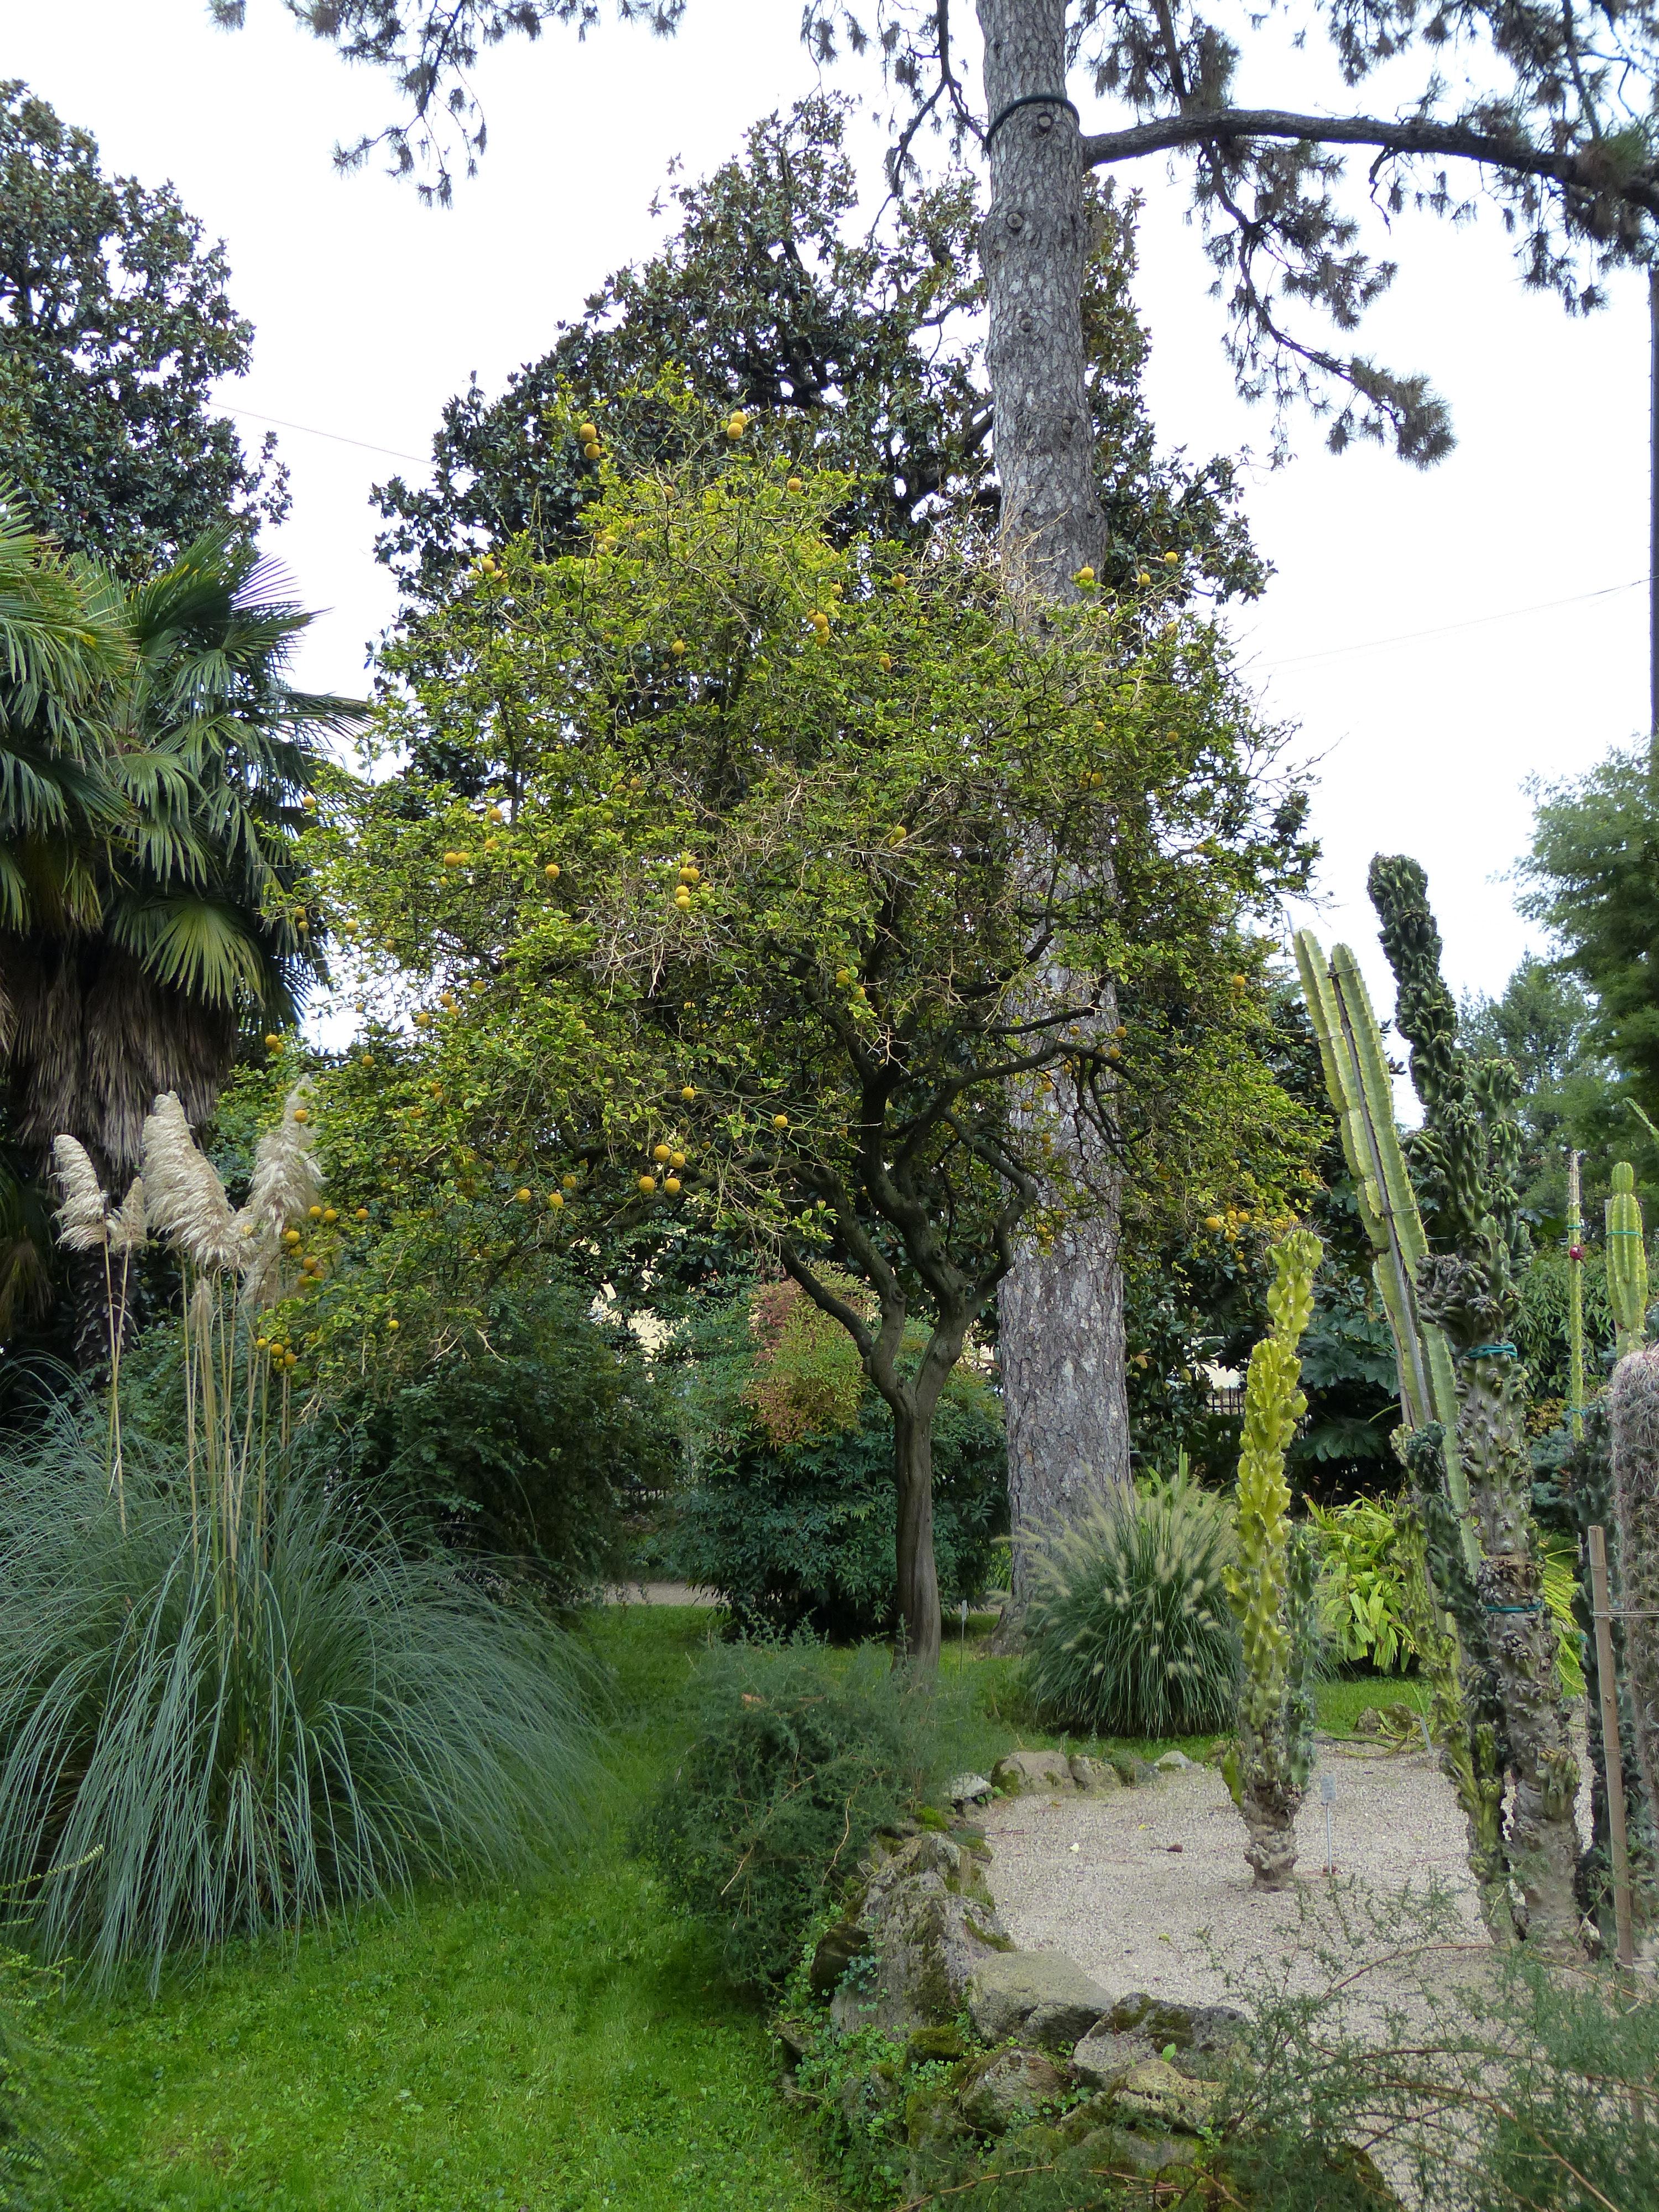 © Dipartimento di Scienze della Vita, Università di Trieste<br>by Andrea Moro<br>Comune di Padova, Orto Botanico, PD, Veneto, Italia, 05/10/2016<br>Distributed under CC-BY-SA 4.0 license.